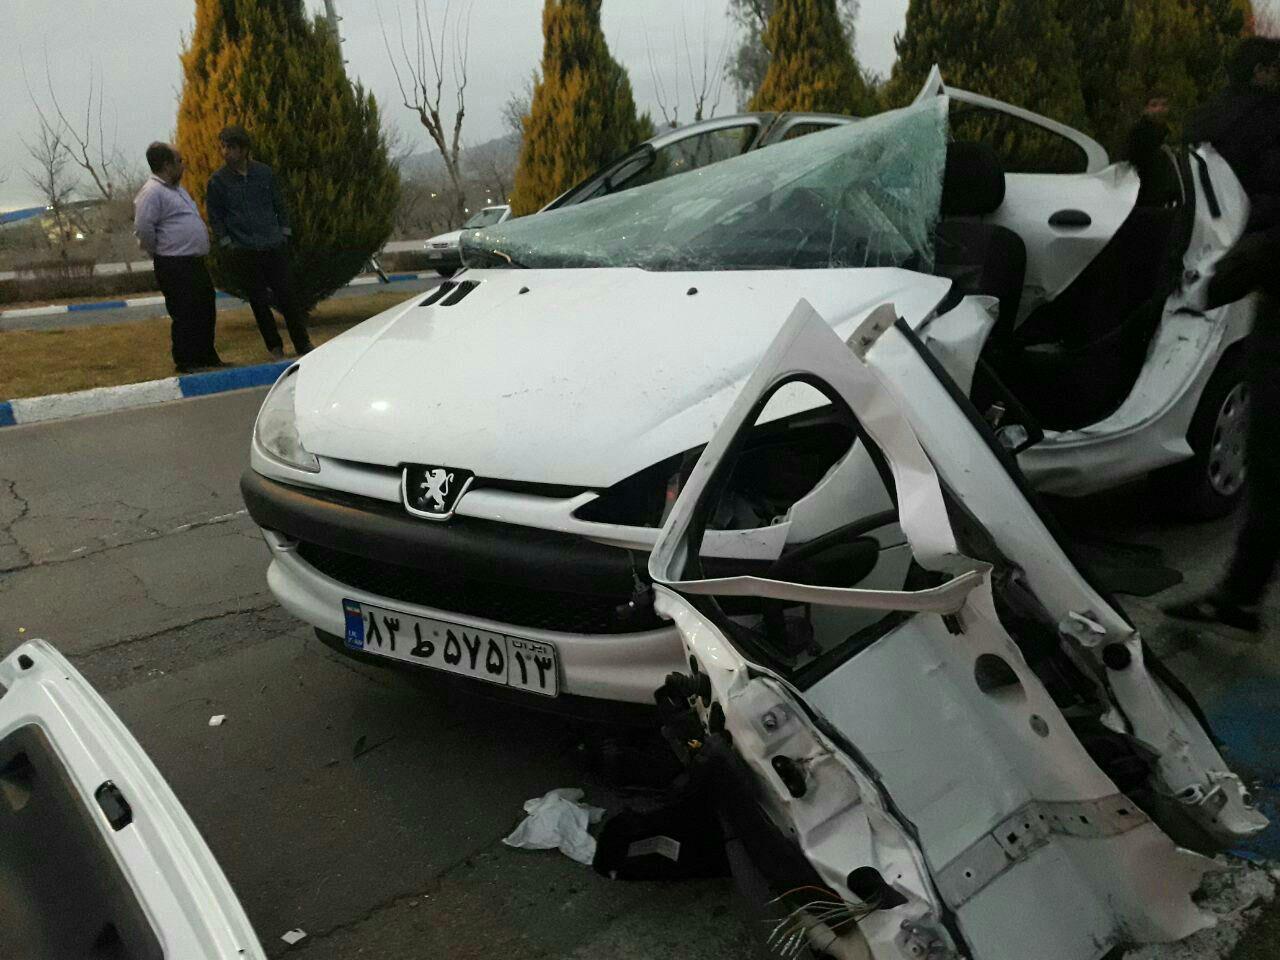 از تصادف مرگبار در خیابان های دانشگاه تا حراج پایان نامه های دانشجویی توسط مسئولان